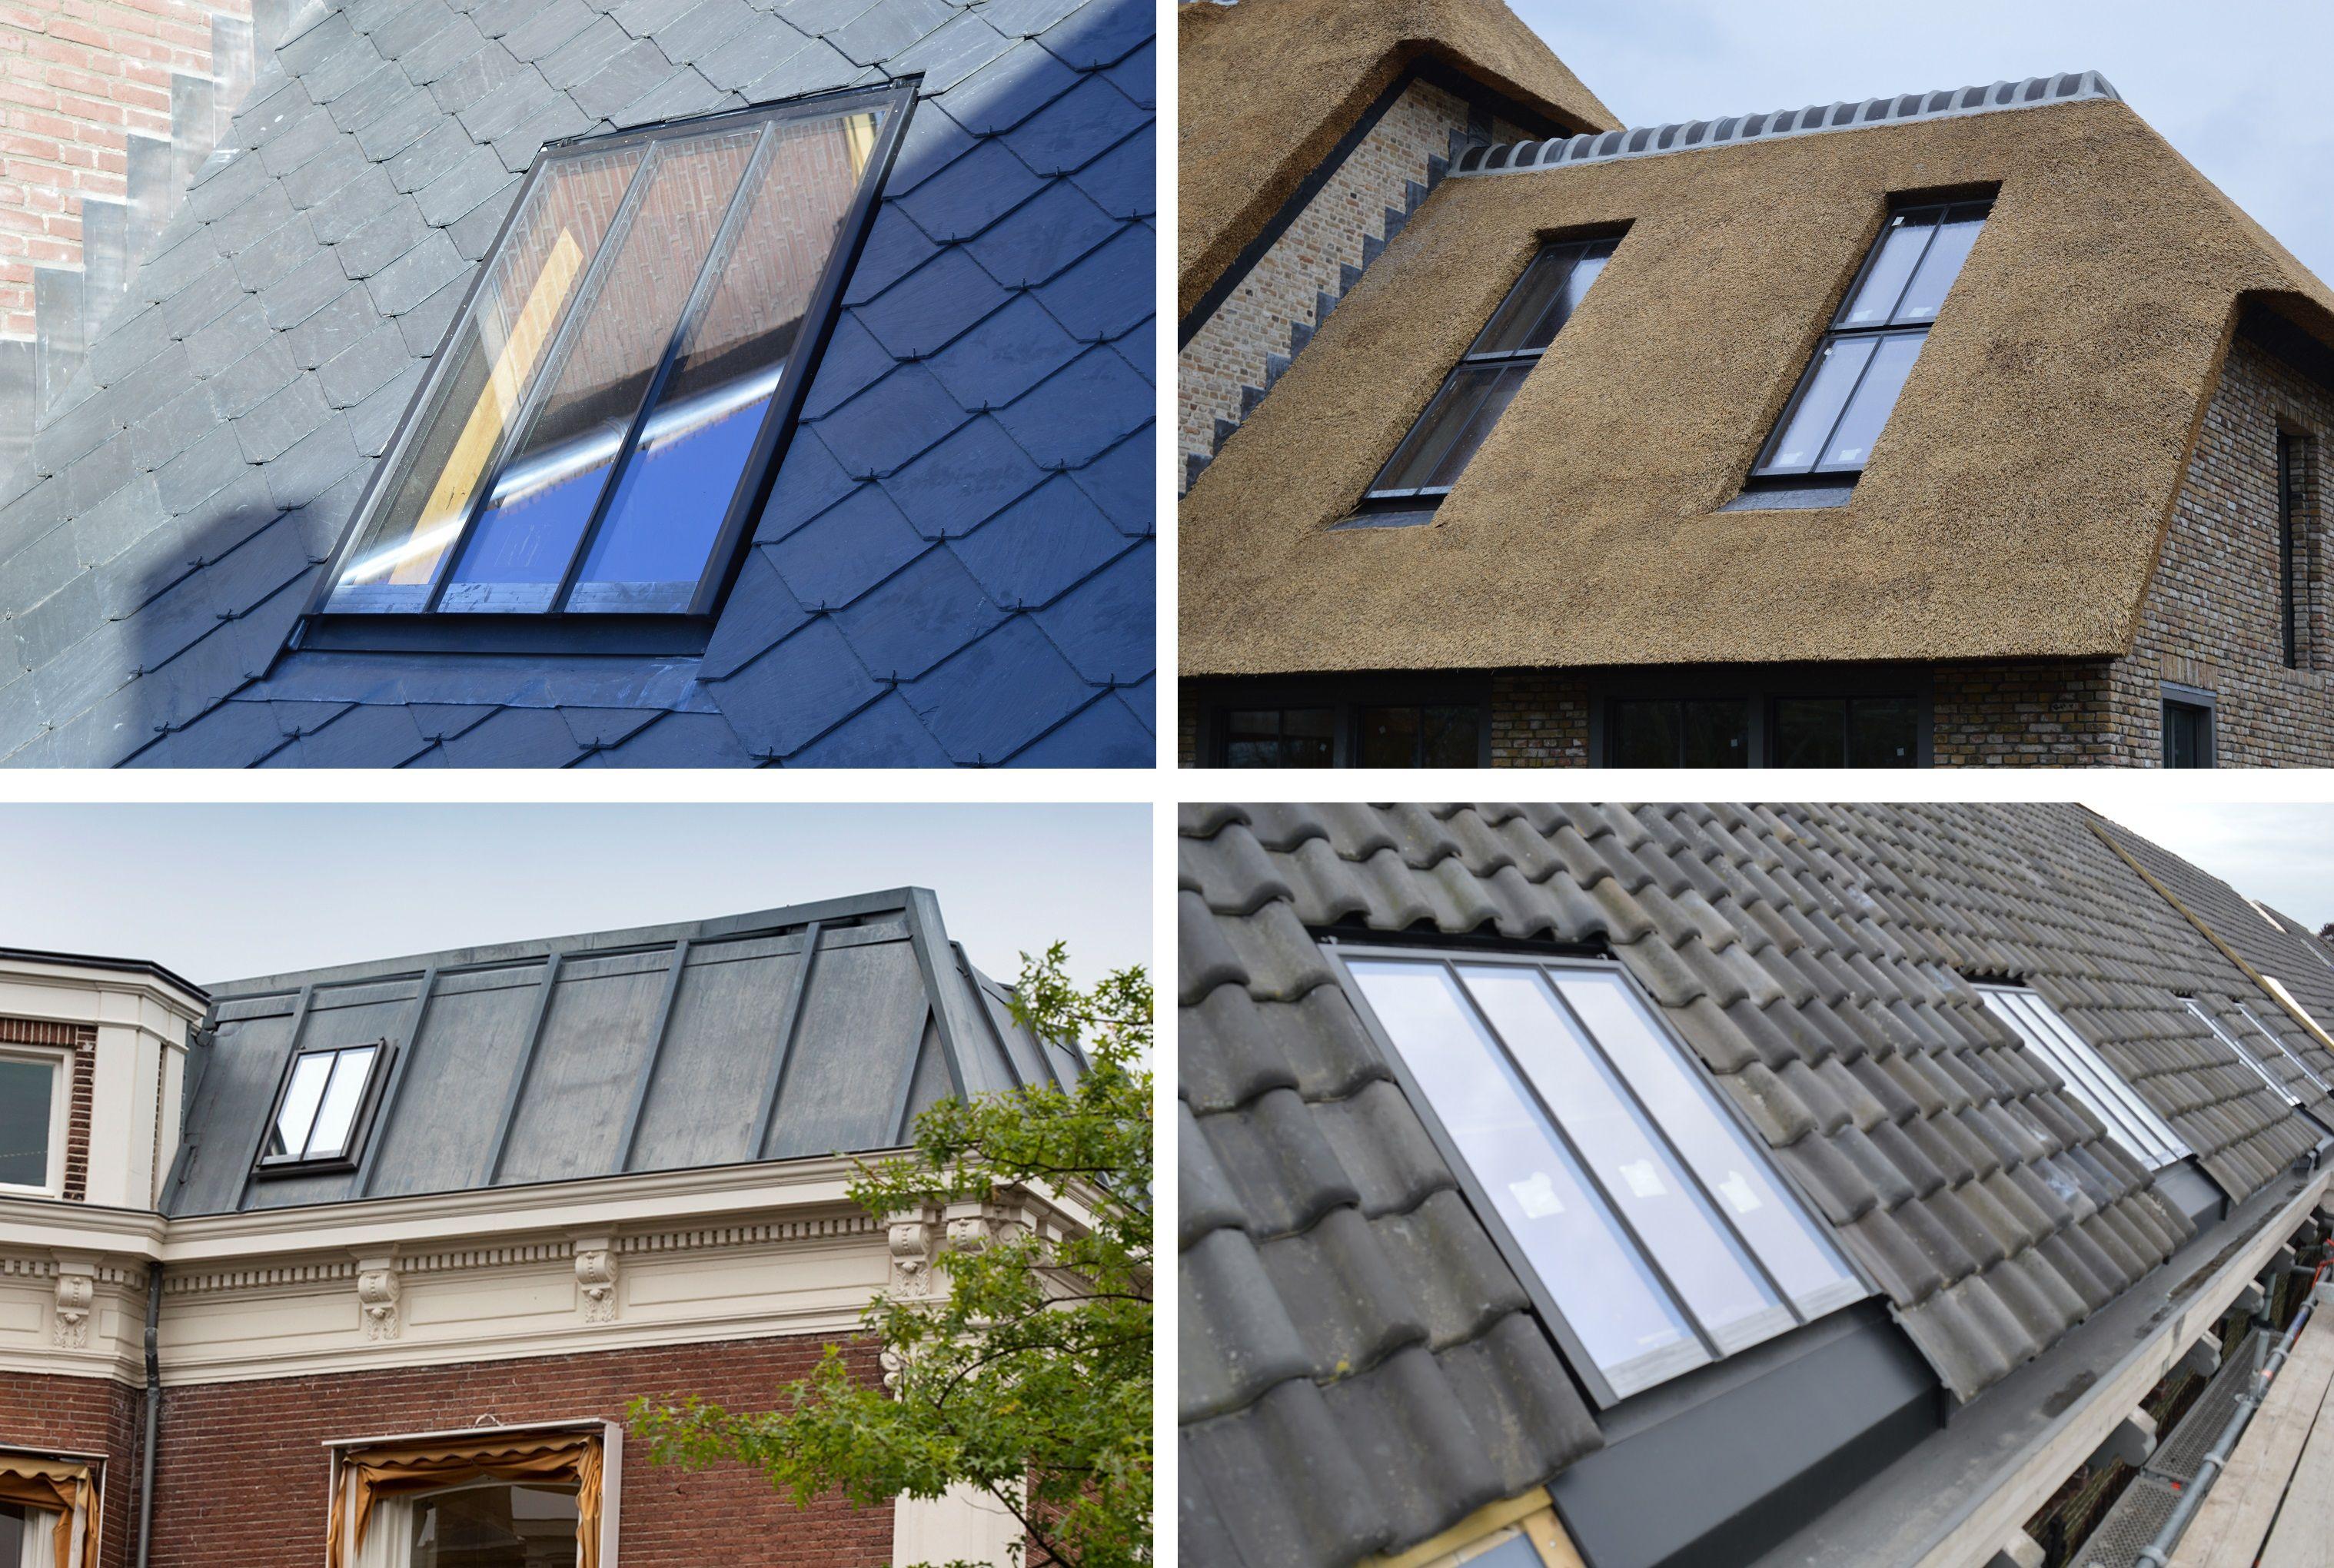 Castpmr dakramen openingen in uw dak en toch het originele